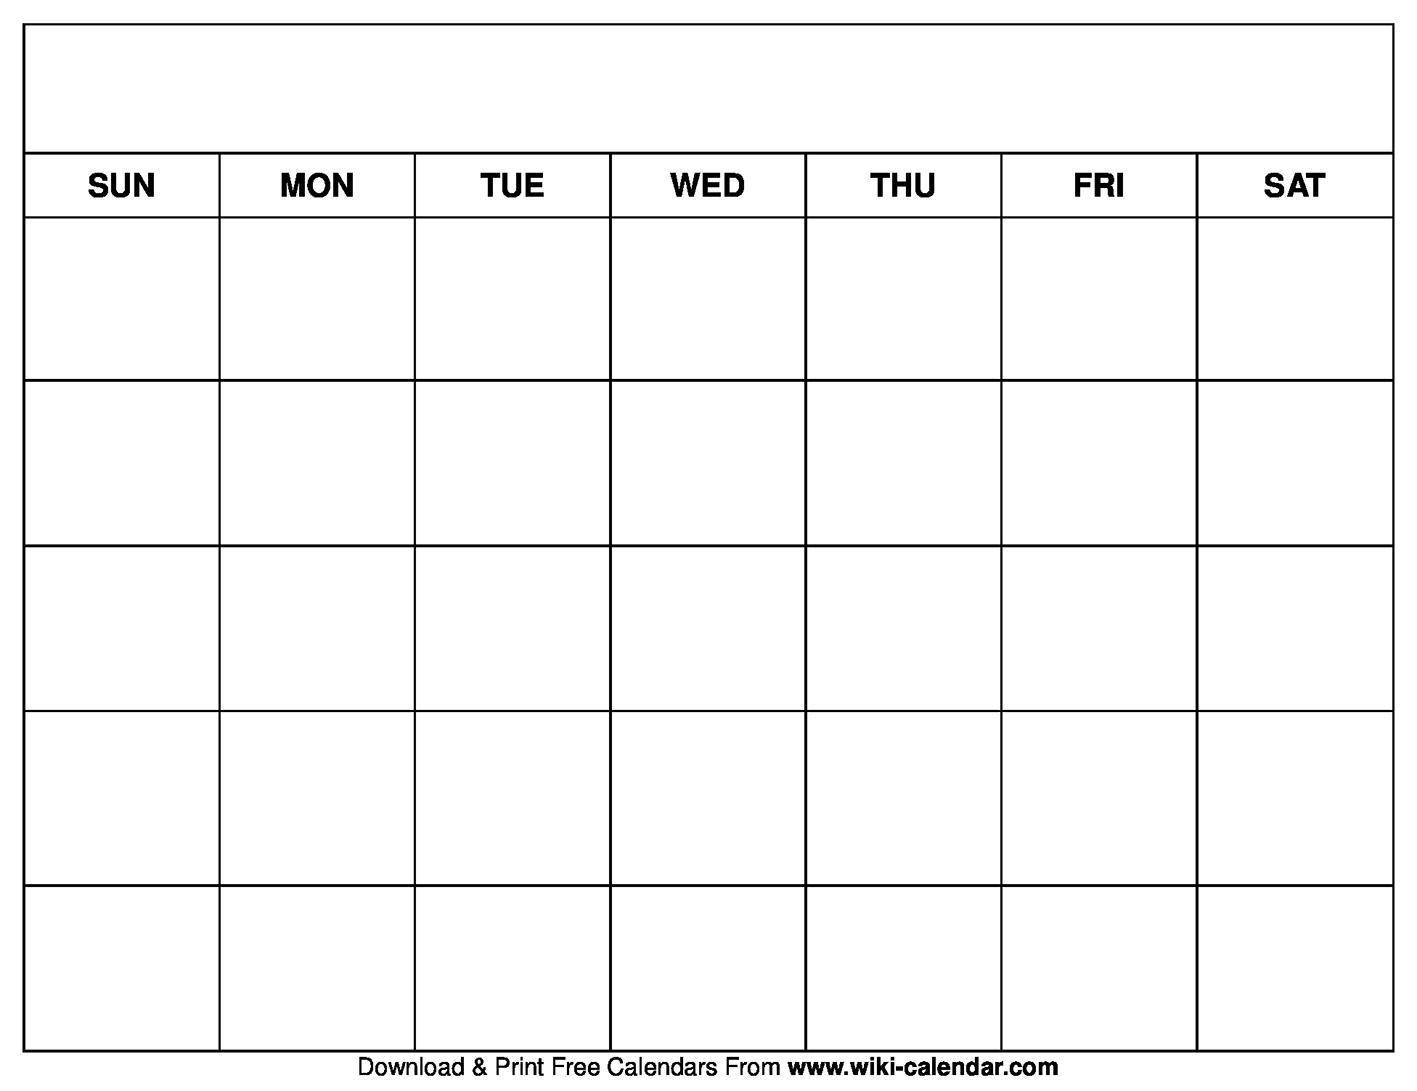 Catch No Download Free Printable Calendar